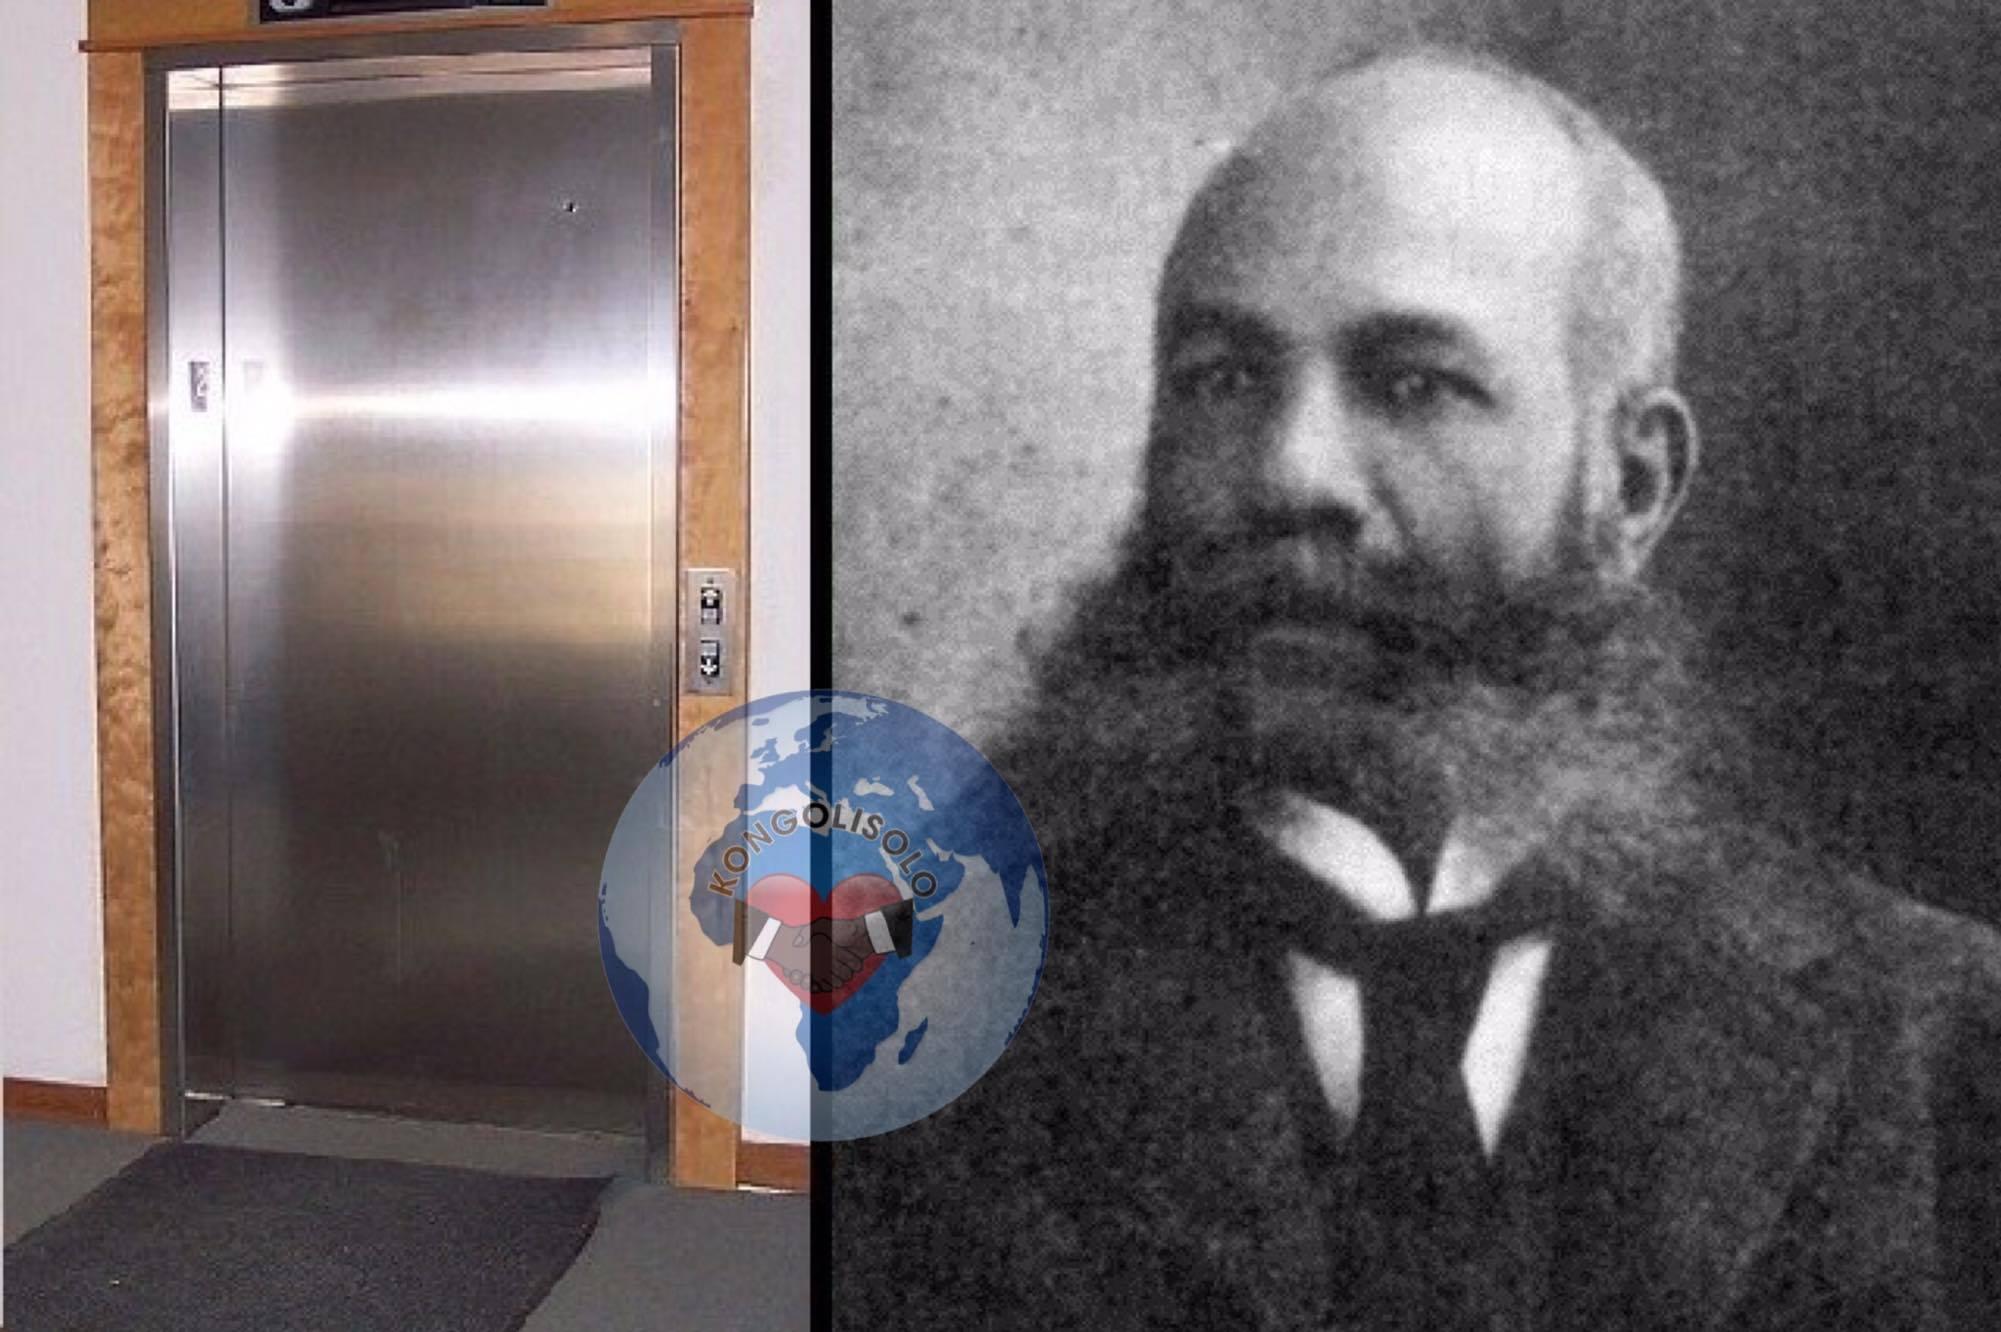 המודרנית להרים: המציא את אוקטובר 11 1887 על ידי אלכסנדר מיילס אפריקני אמריקאי